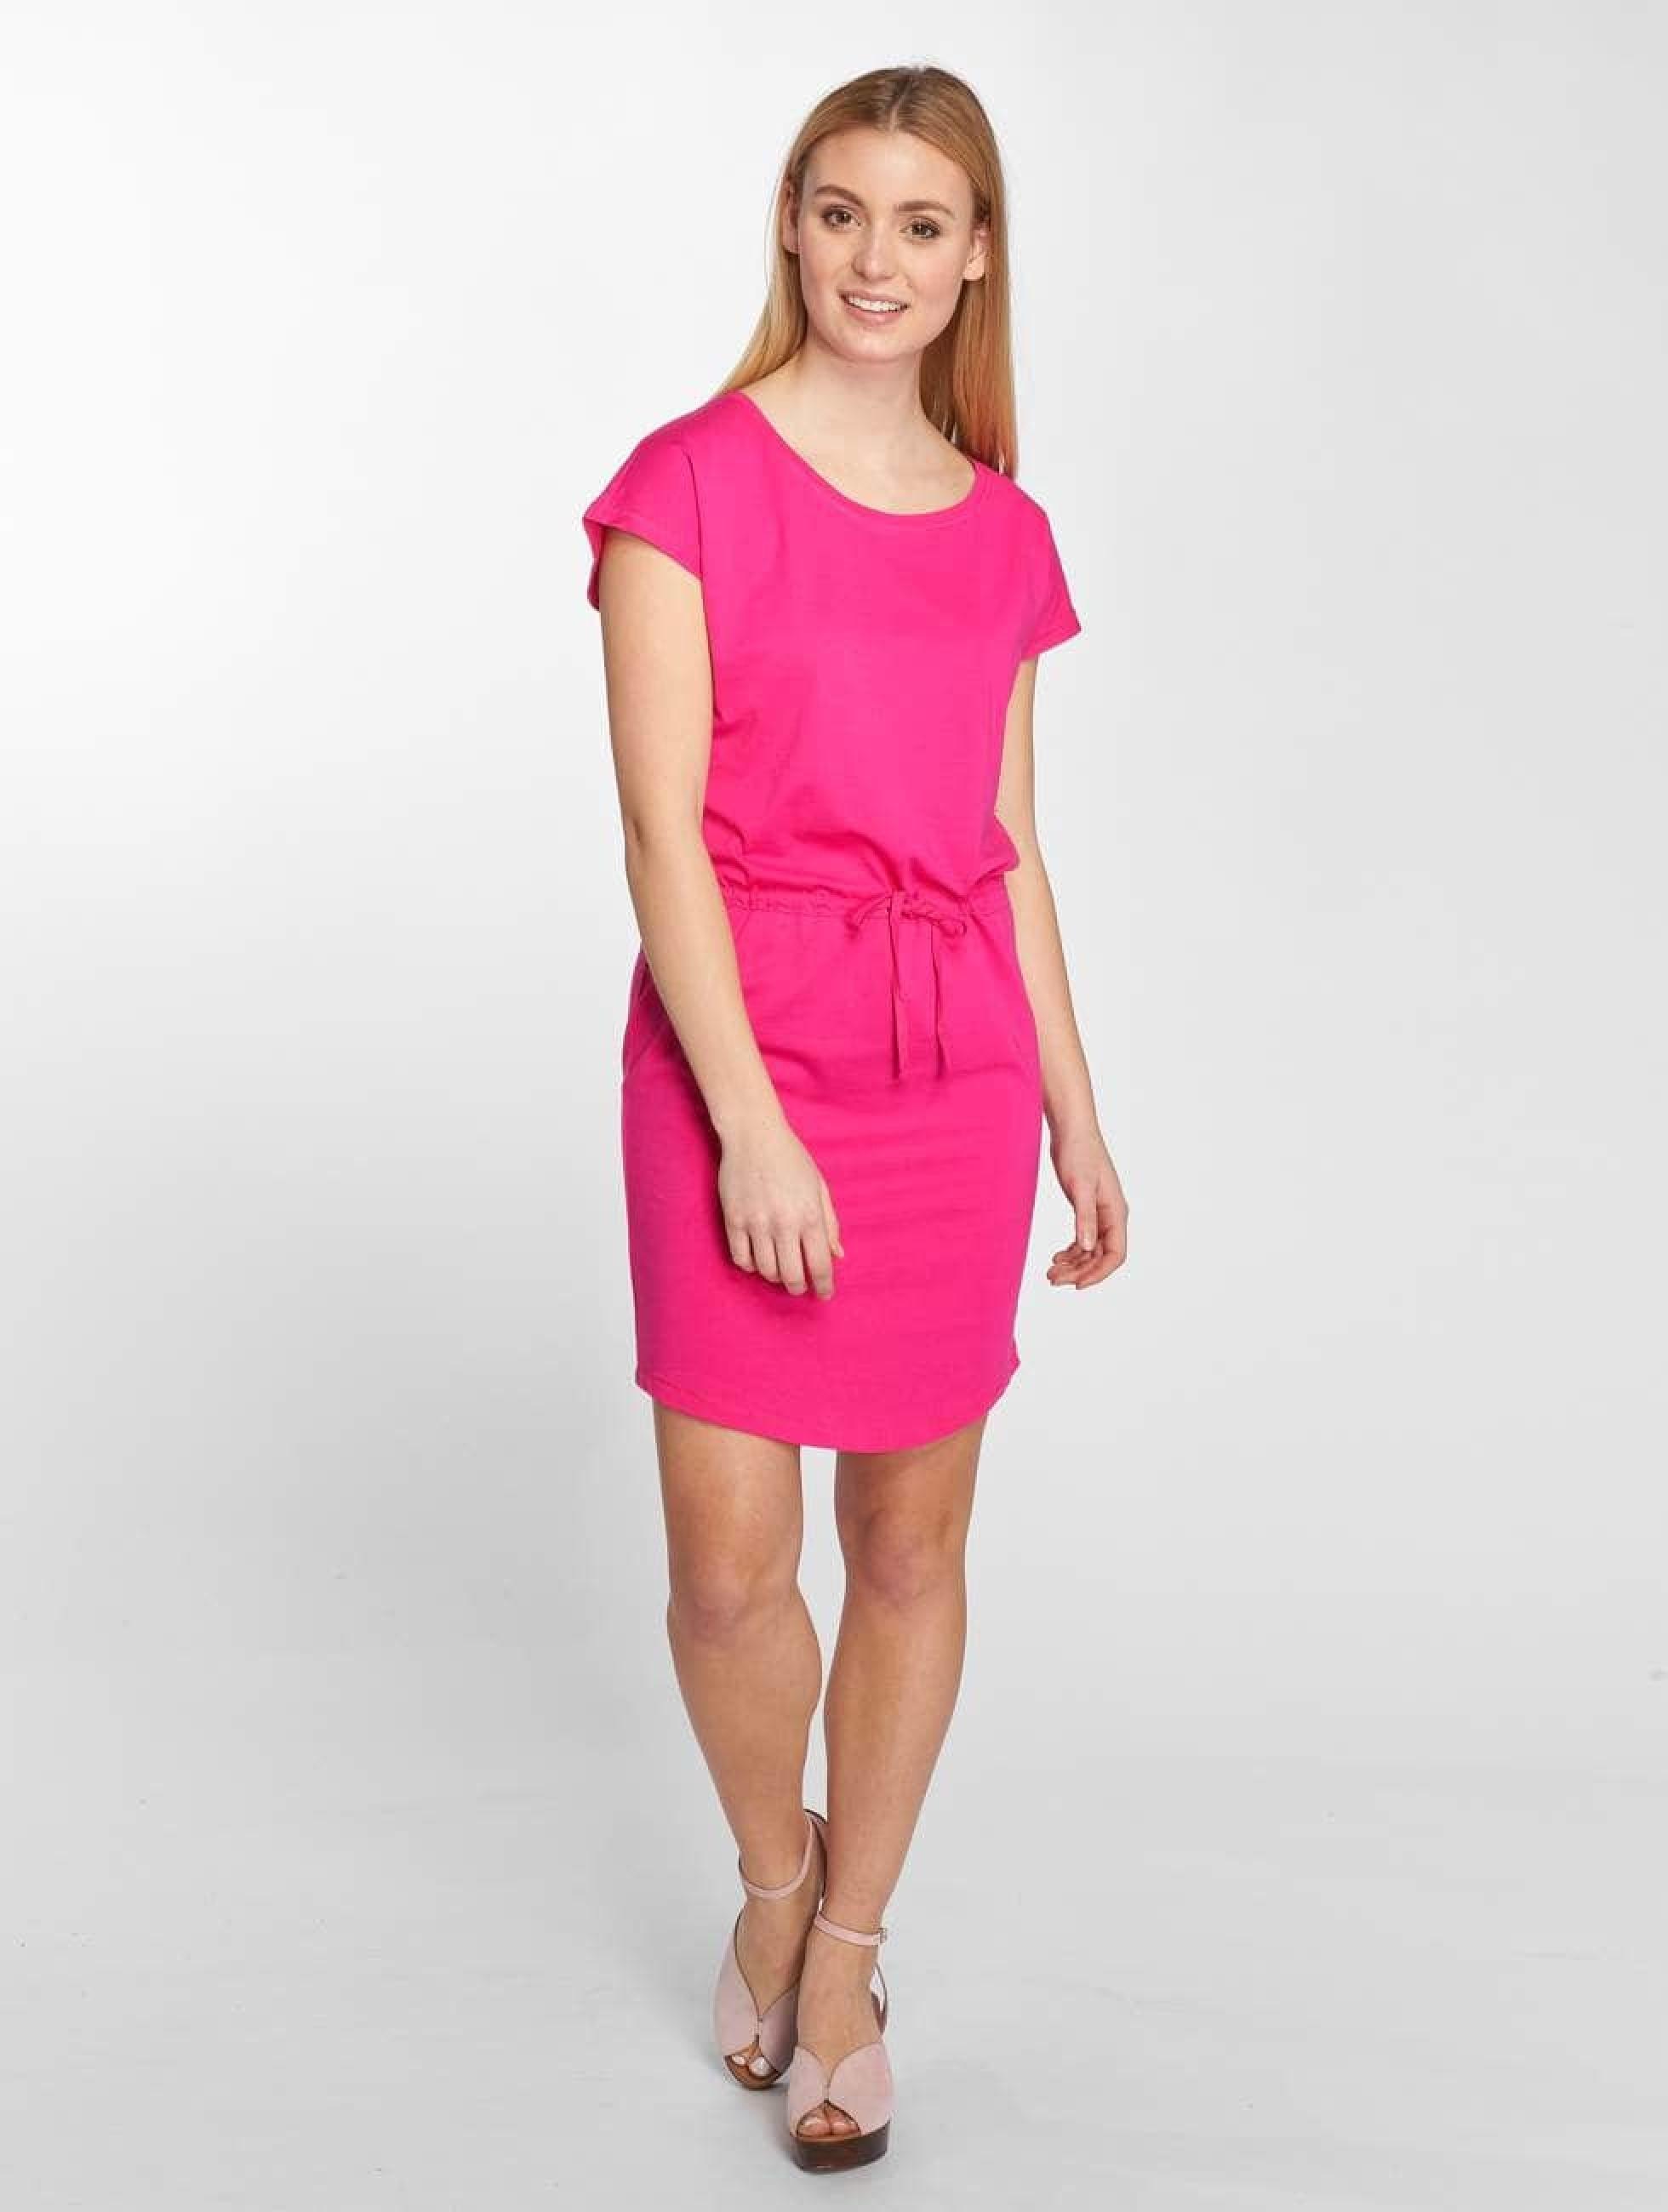 13 Ausgezeichnet Kleid Pink SpezialgebietFormal Fantastisch Kleid Pink Stylish